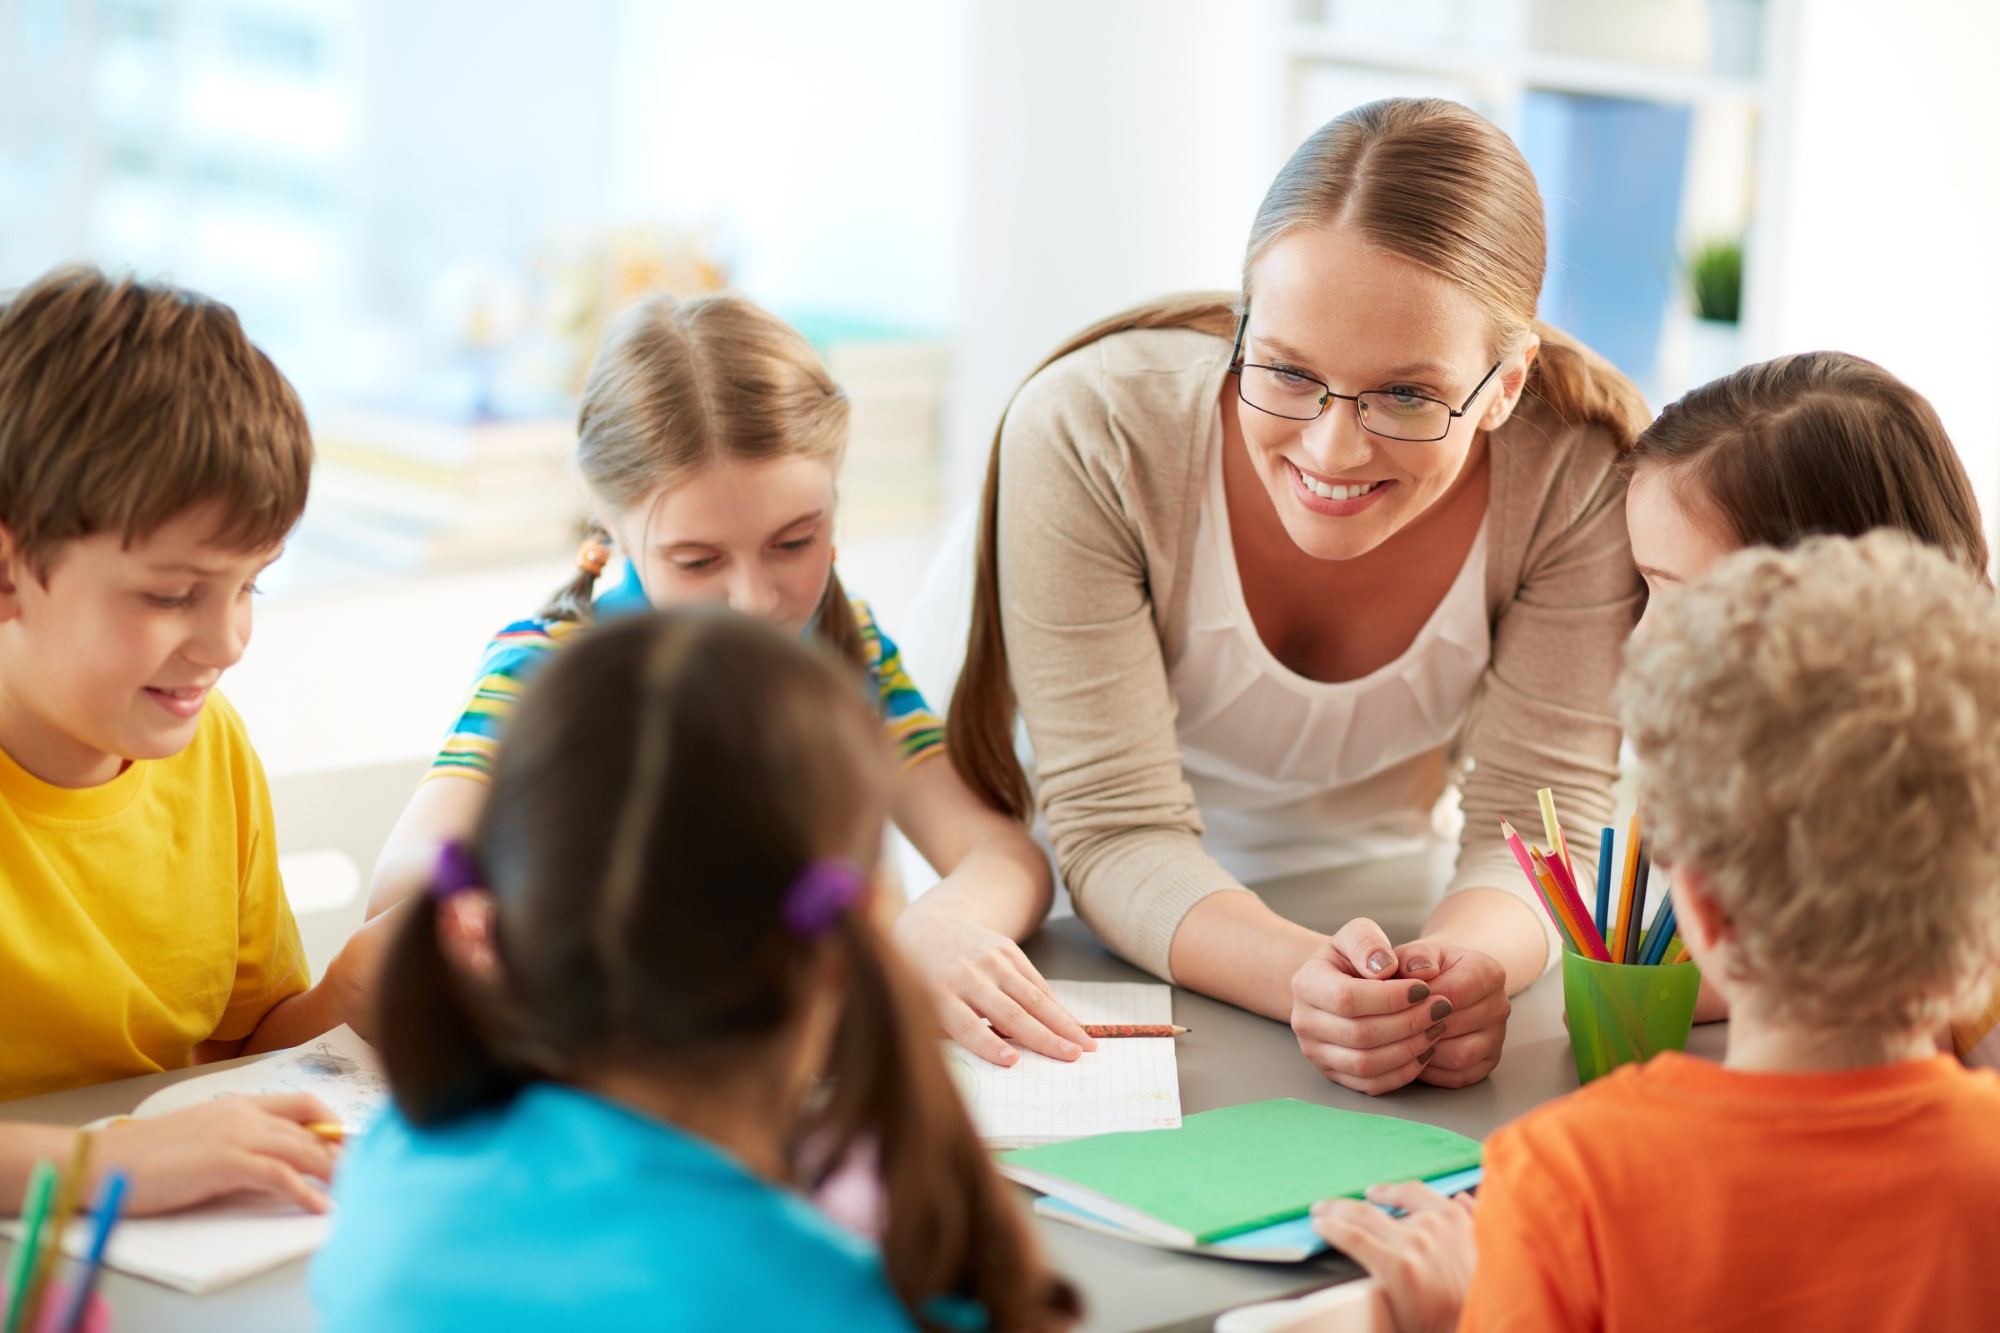 רפורמה במתווה ההעסקה של הסייעות בגני הילדים